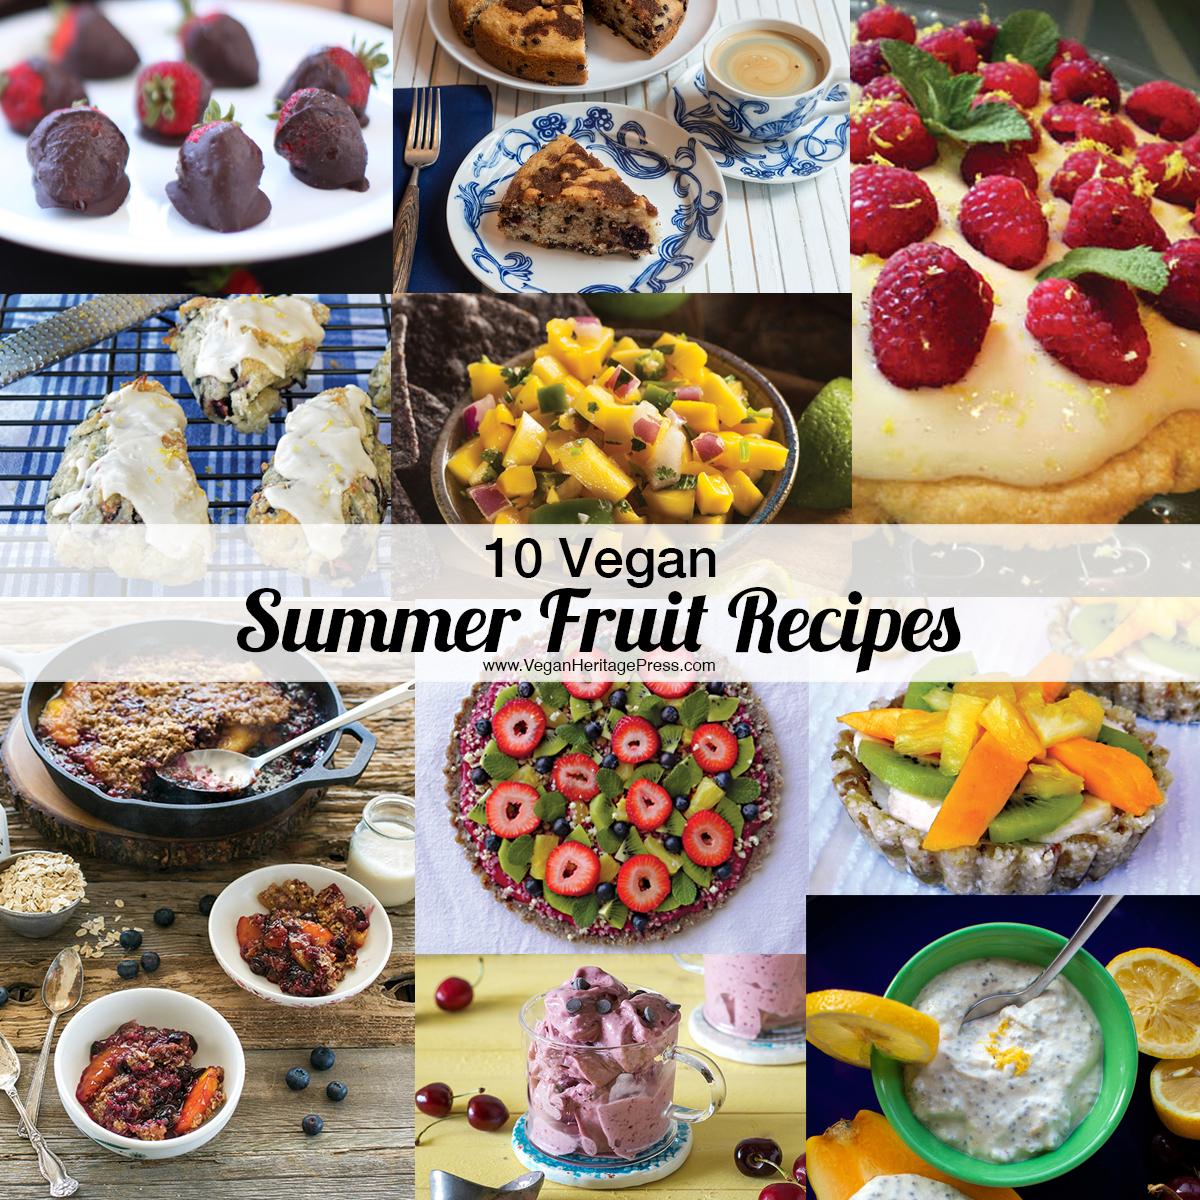 10 Vegan Summer Fruit Recipes